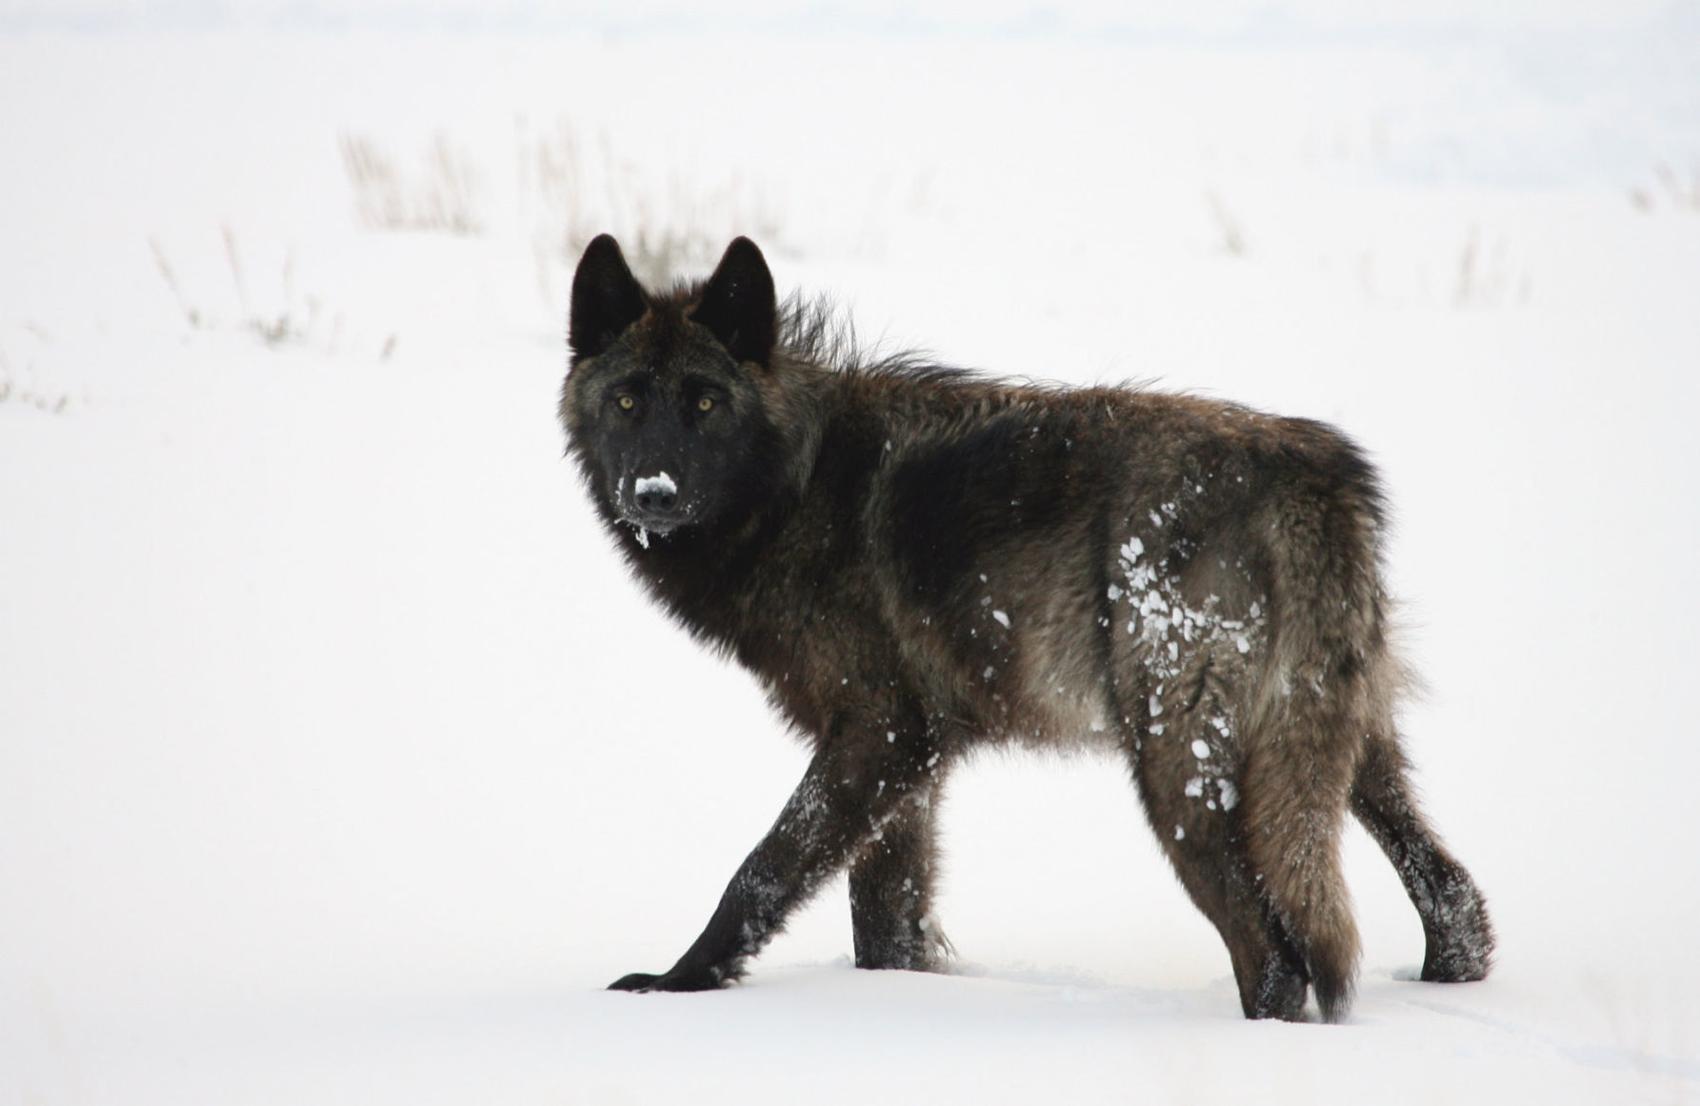 美國國家公園遭外來生物入侵,當地生態系統面臨威脅。FOX 5